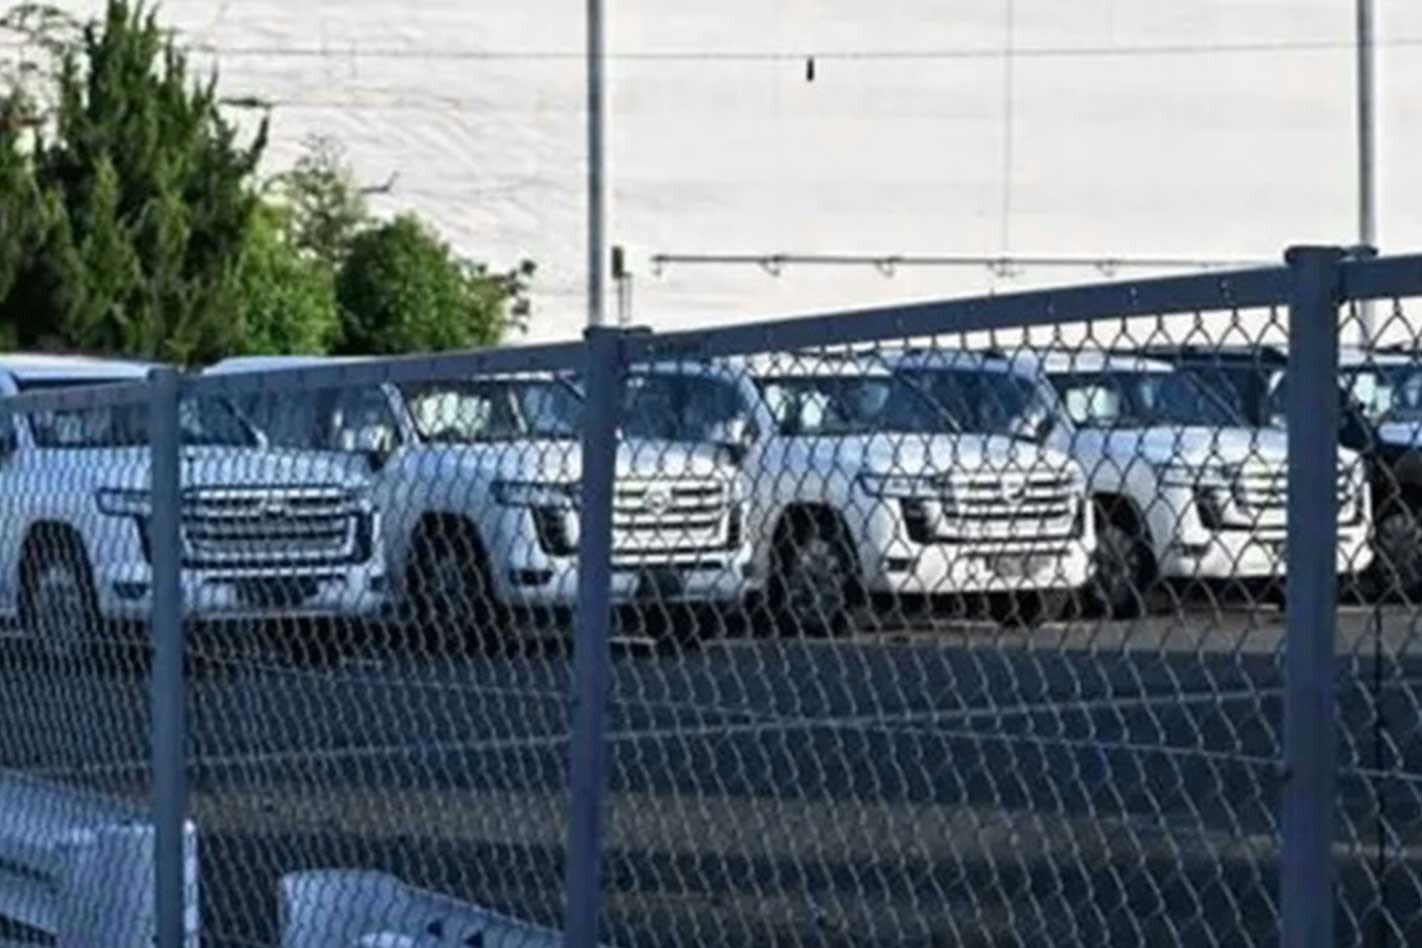 Next-gen 2022 Toyota LandCruiser spied